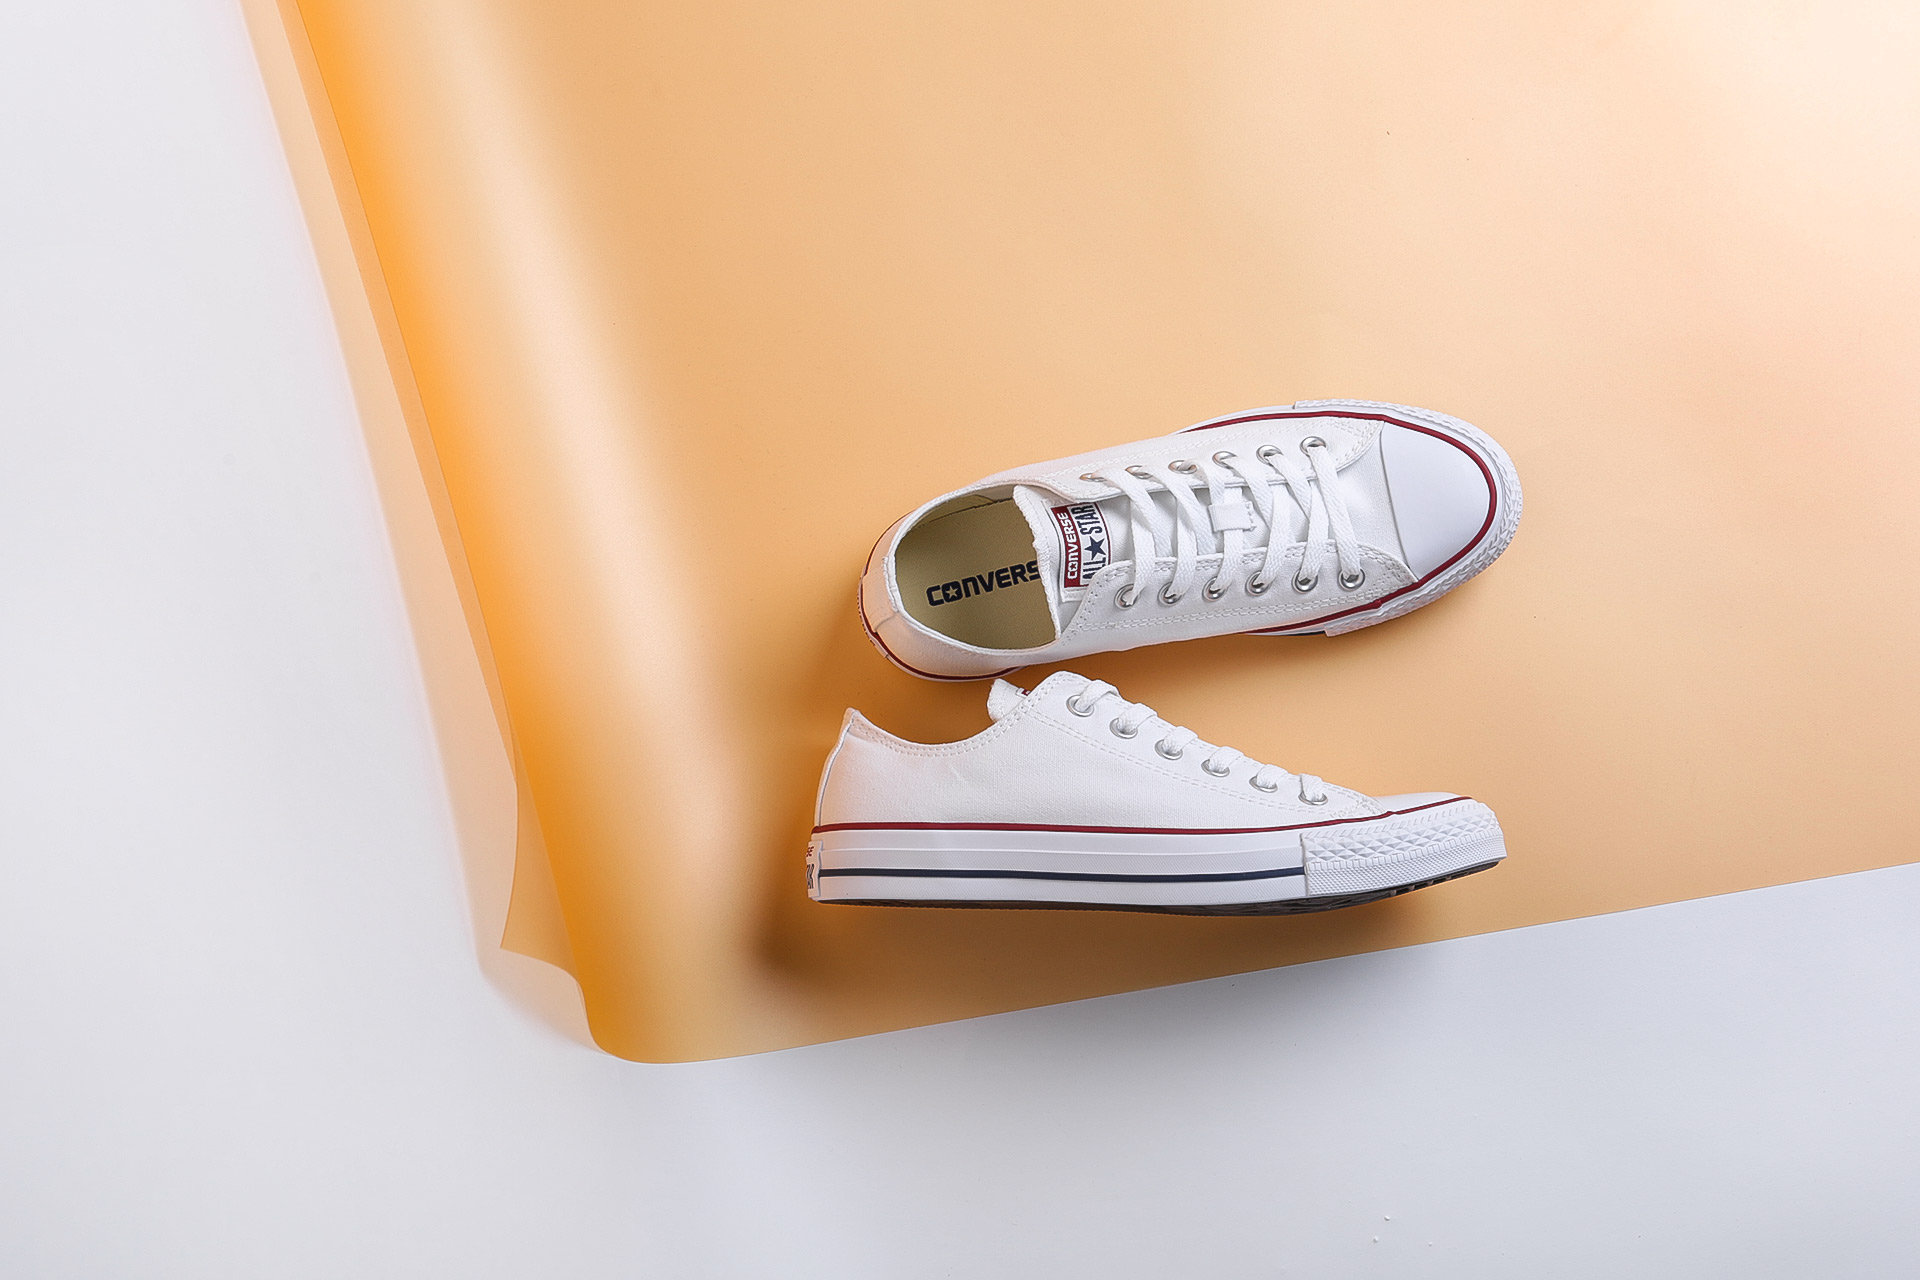 b4352c68a7b735 Купить товары Converse (Конверс) по цене от 1300 рублей с доставкой по  Москве и России в интернет-магазине Sneakerhead